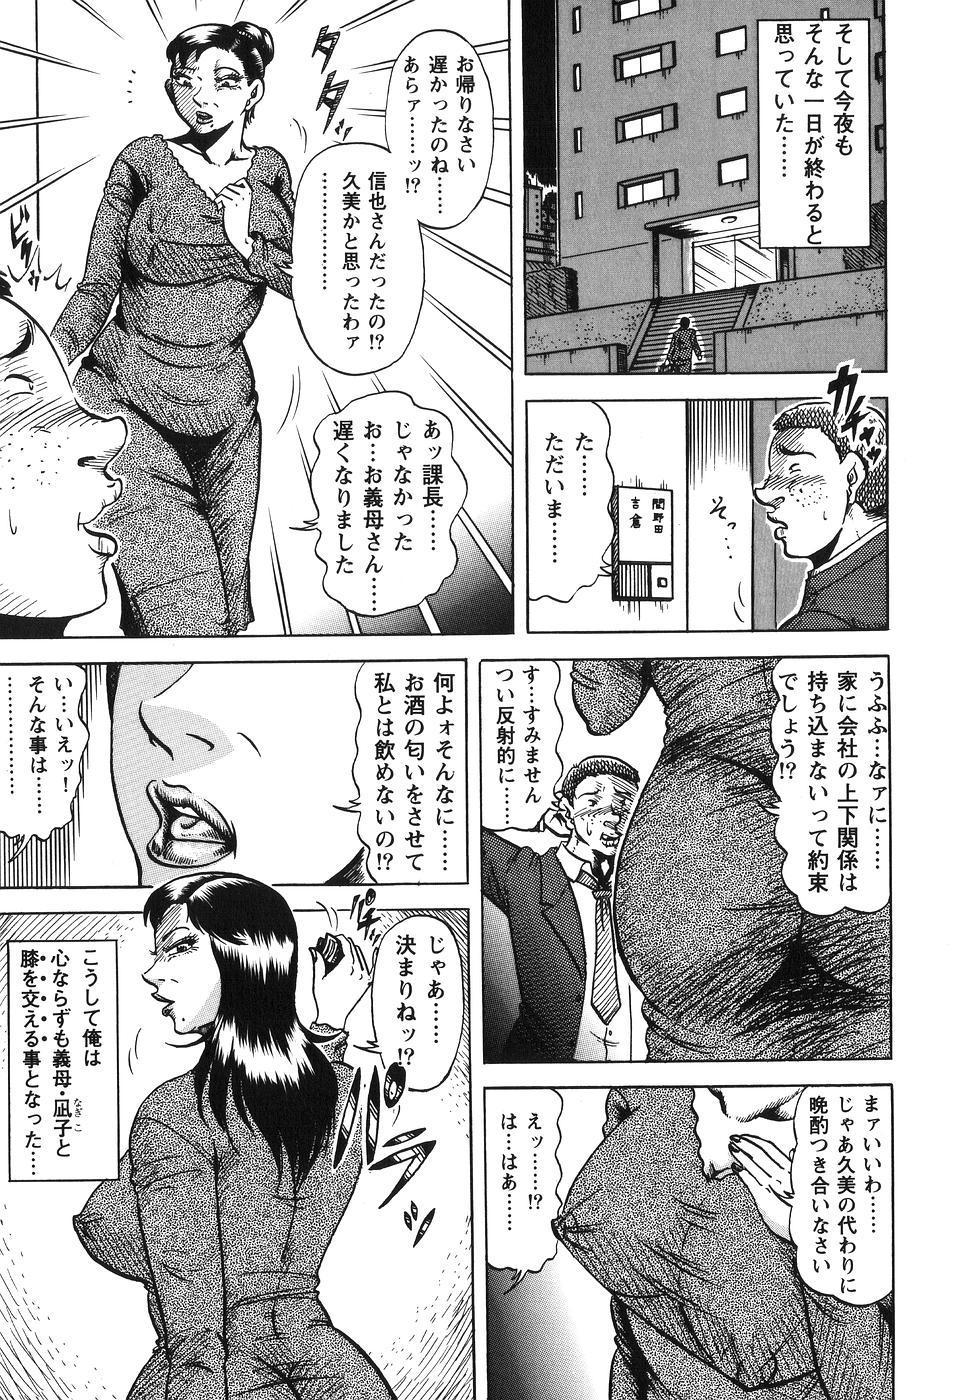 Jukubo Soukan Yosoji no Tawamure 88